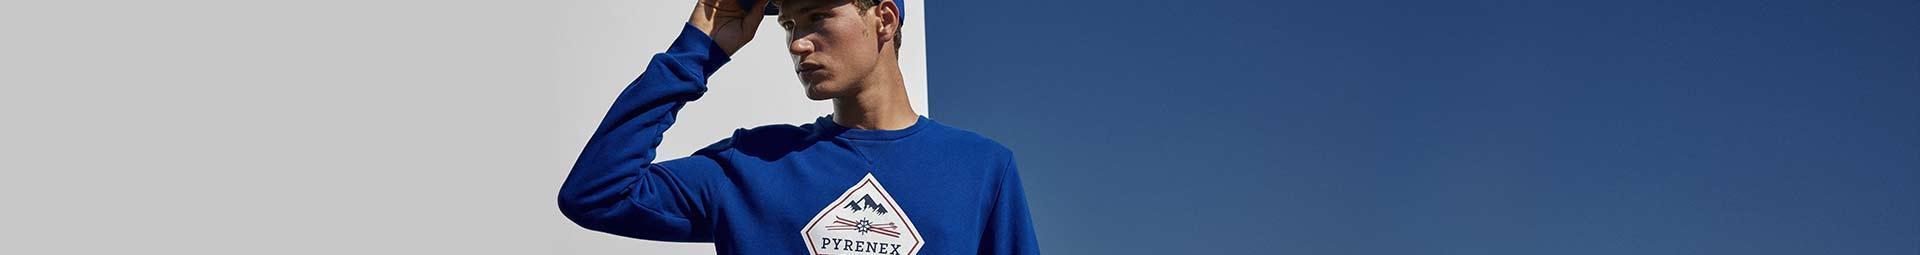 Mailles homme. T-shirts, pullovers, pulls pour un look décontracté. Pyrenex